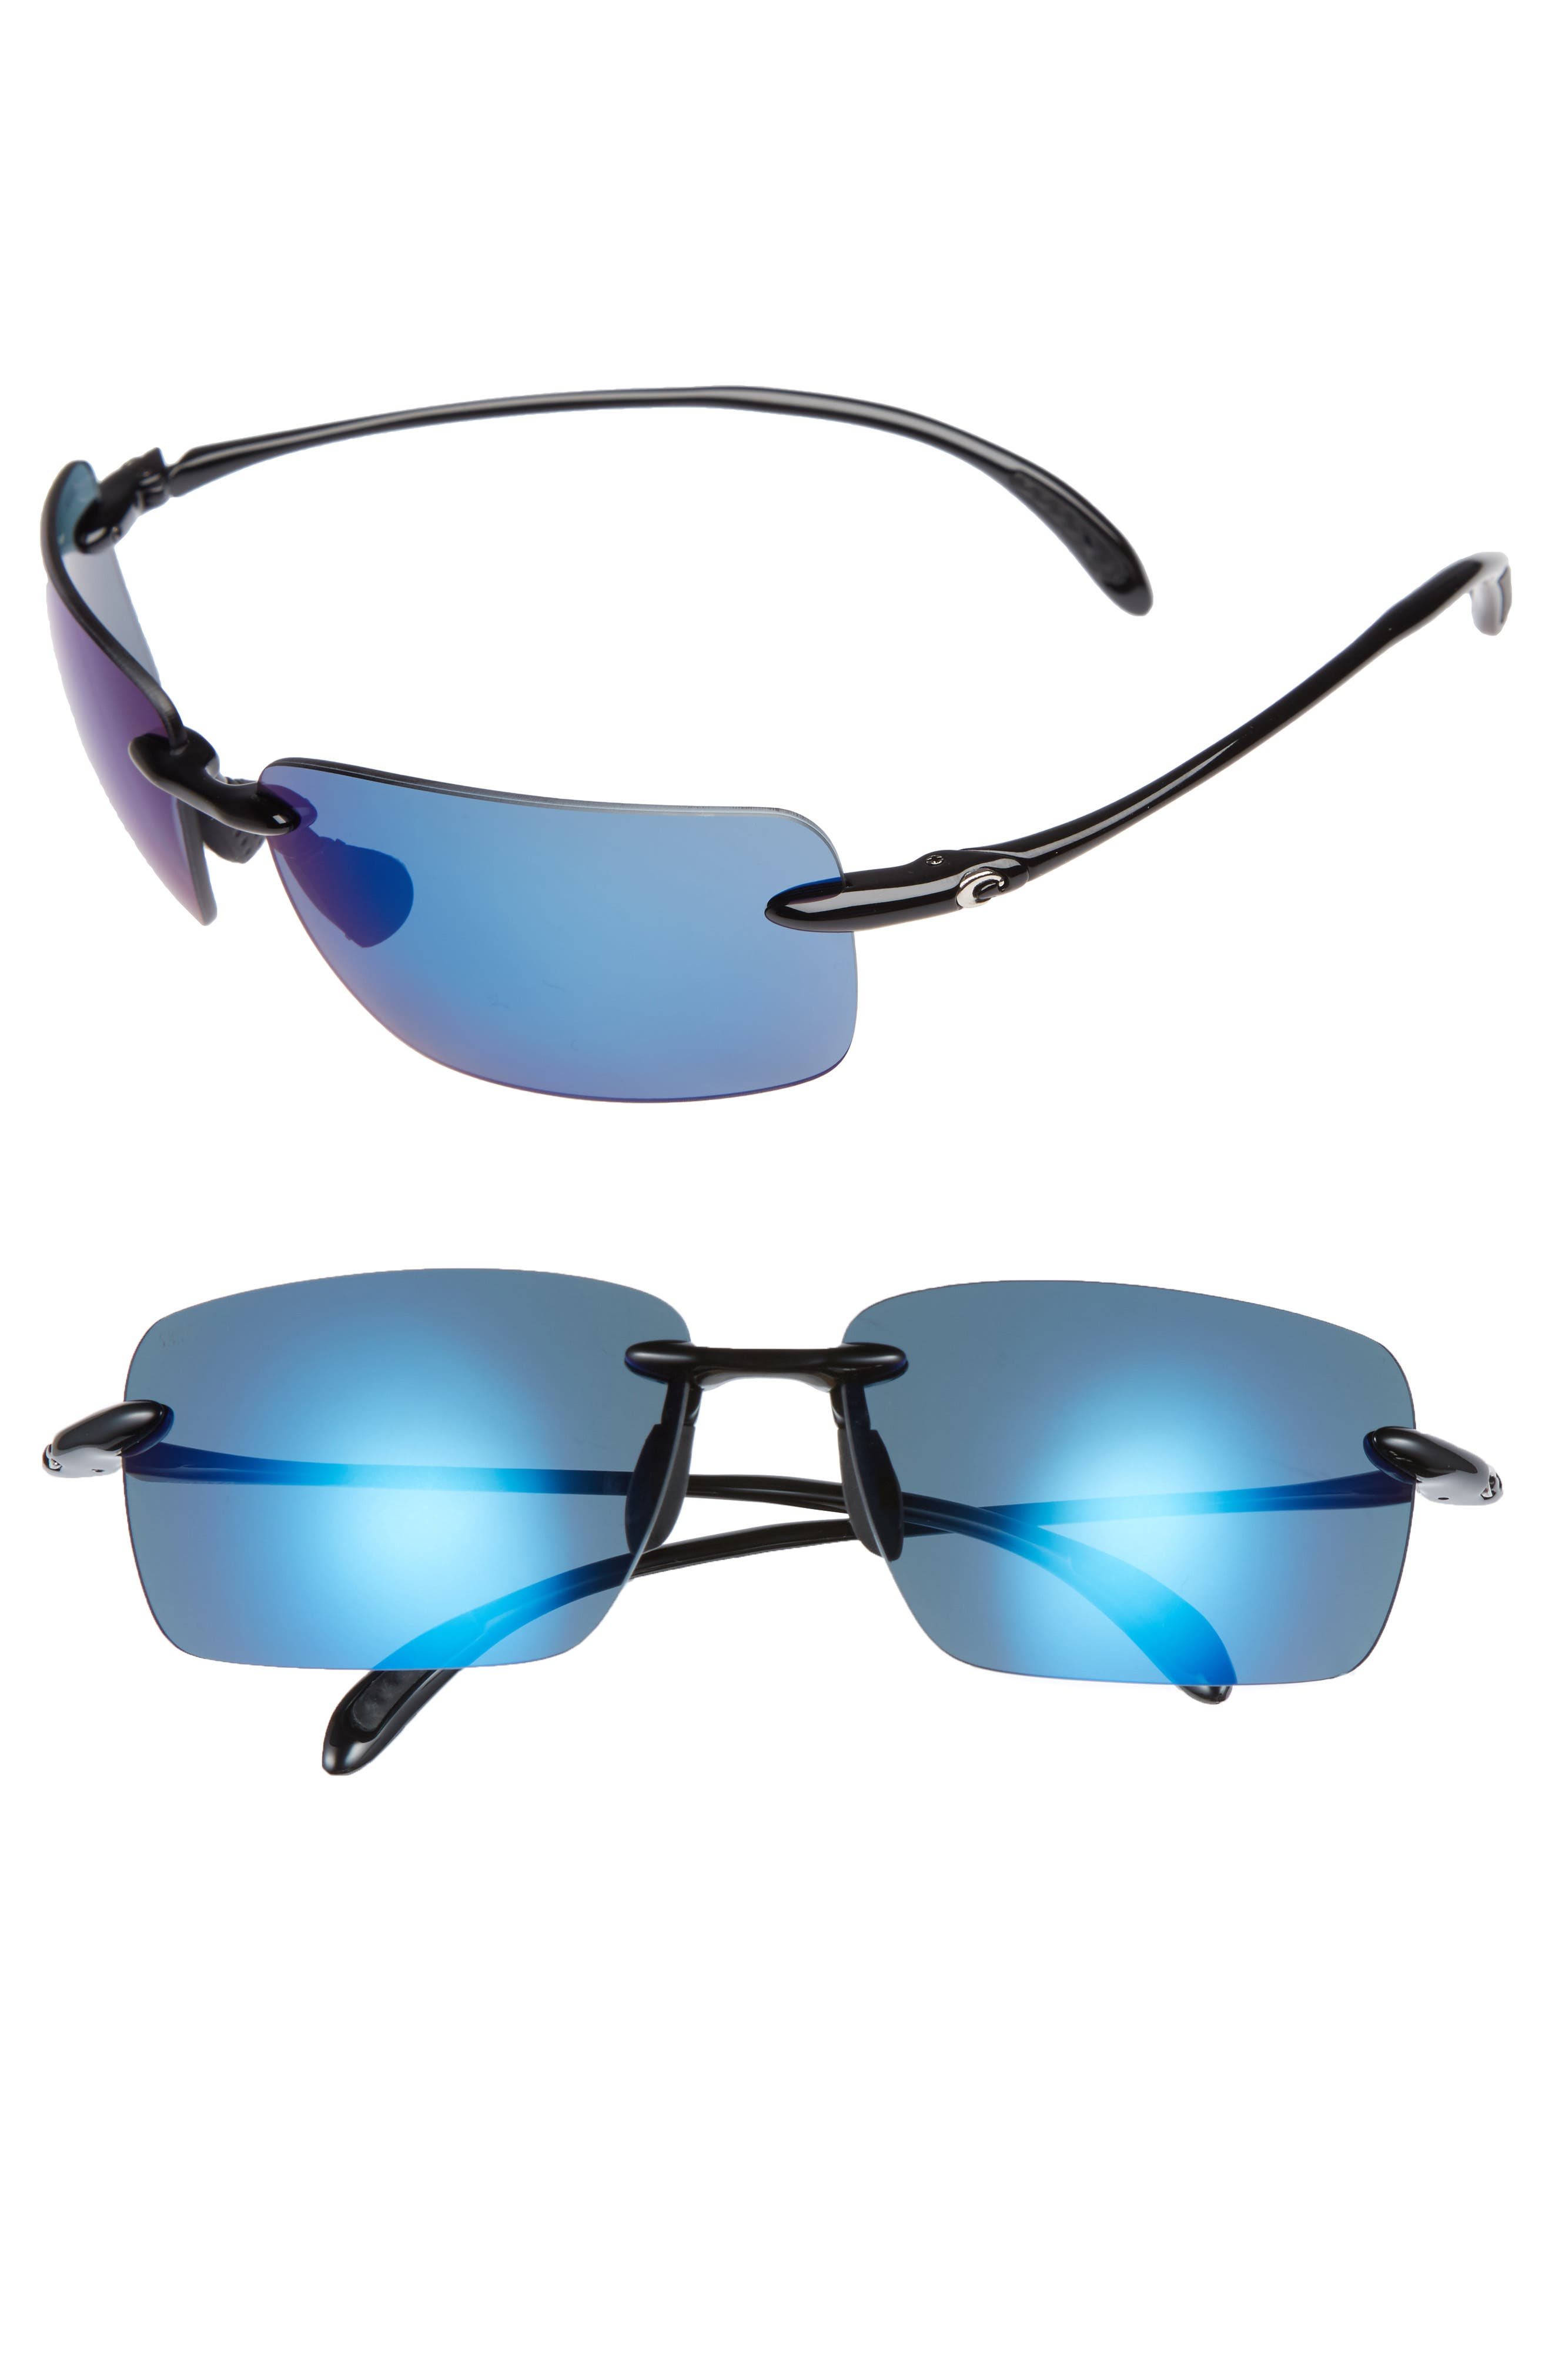 Gulfshore XL 66mm Polarized Sunglasses,                         Main,                         color, BLACK/ BLUE MIRROR